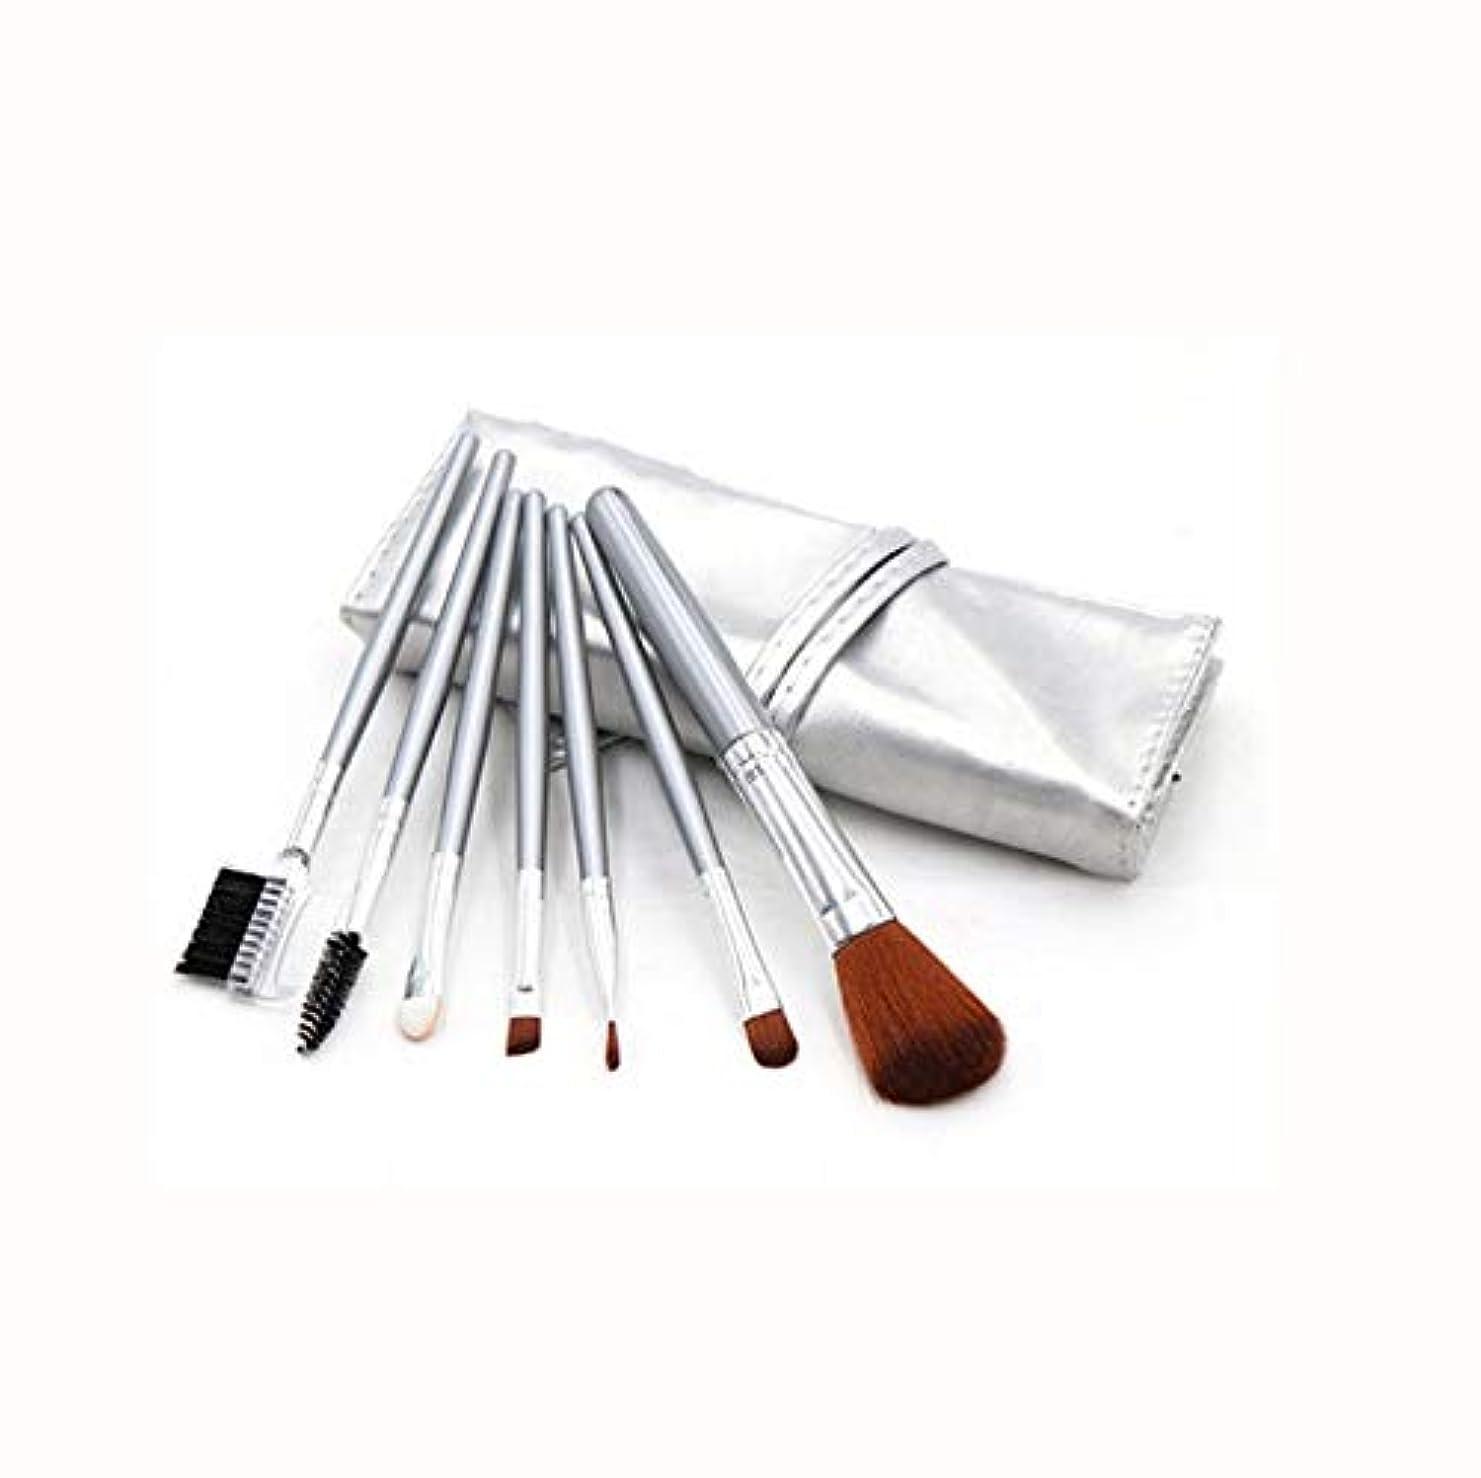 酸っぱい建てる誓約化粧ブラシセット、シルバー7化粧ブラシ化粧ブラシセットアイシャドウブラシリップブラシ美容化粧道具